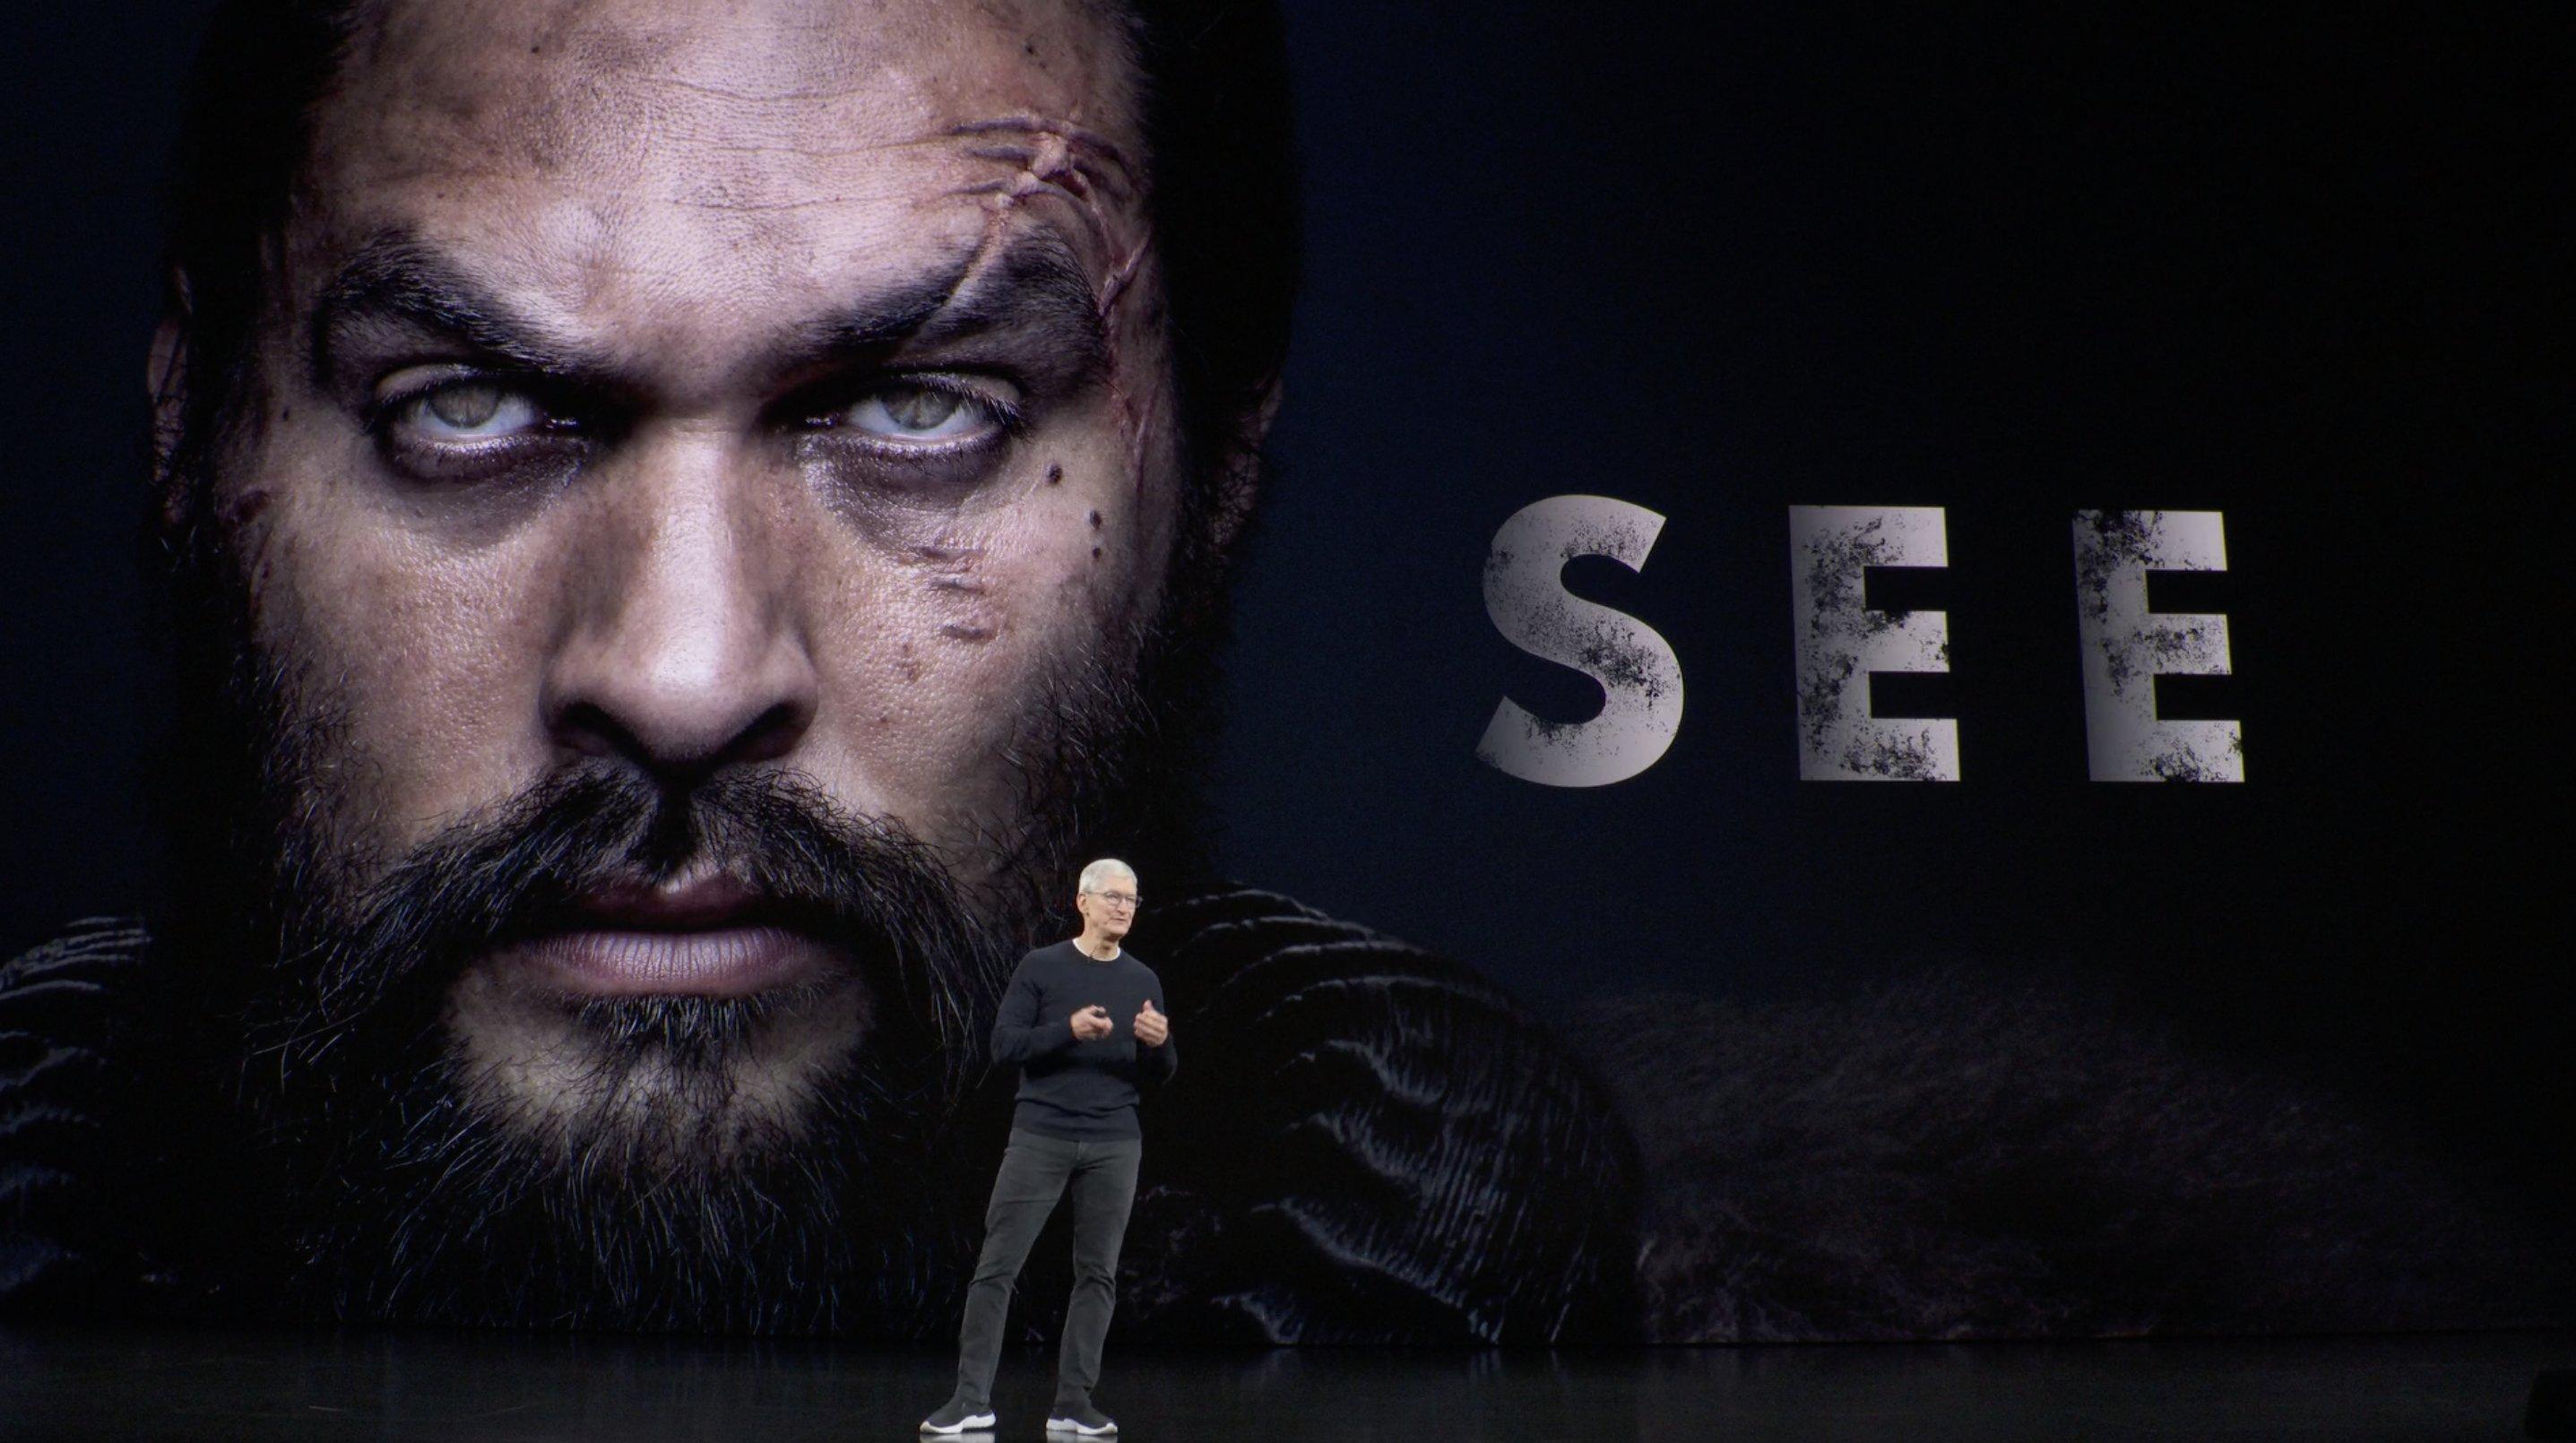 Trailer de See para Apple TV+ con Tim Cook (Keynote)